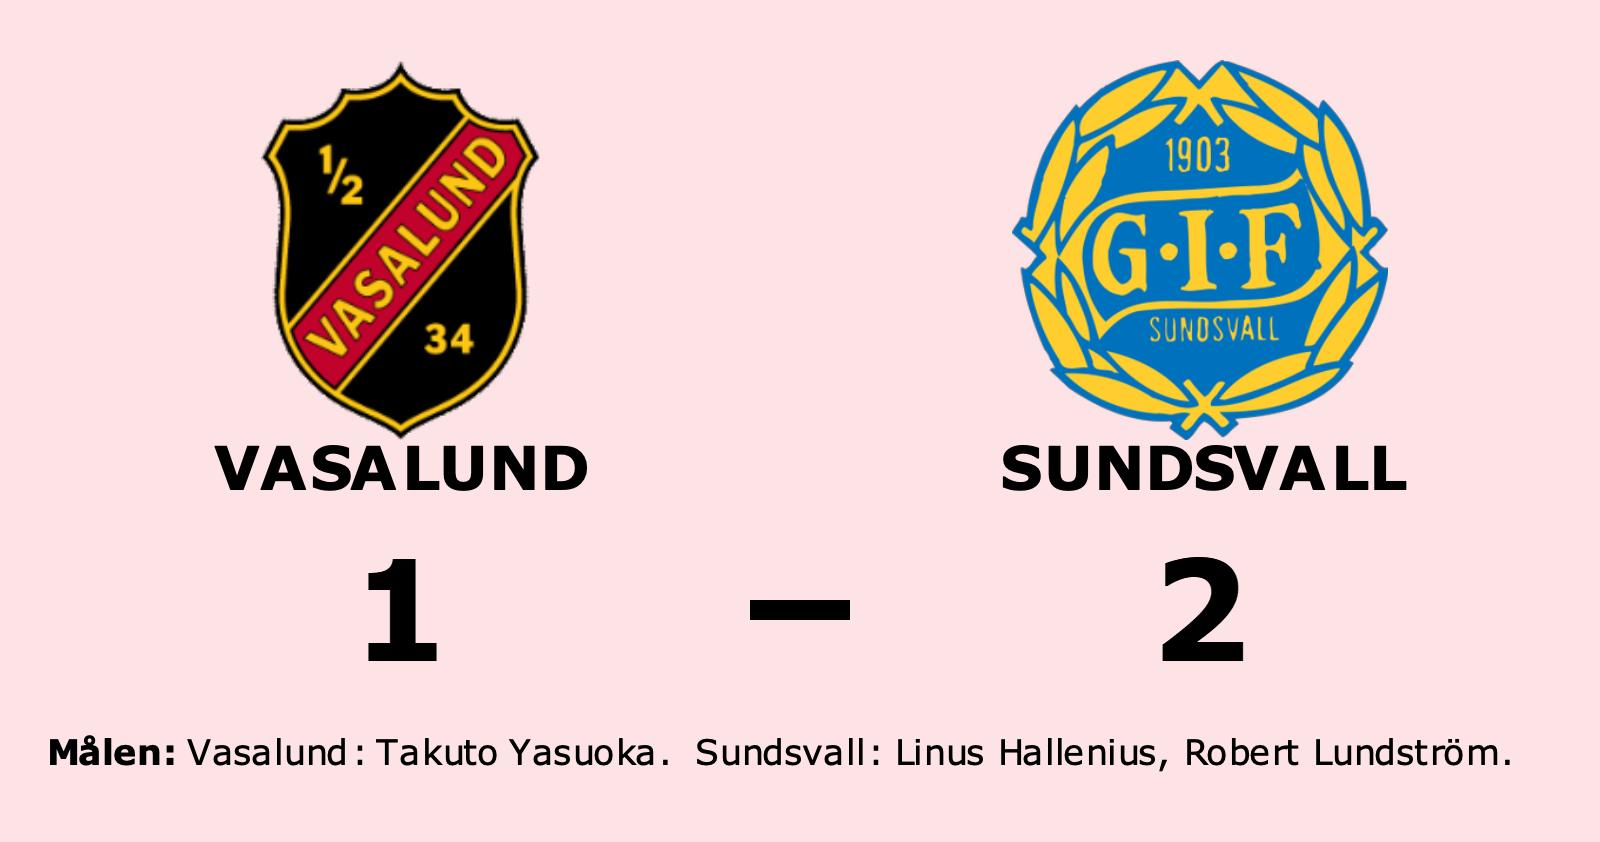 Vasalund förlorade mot Sundsvall